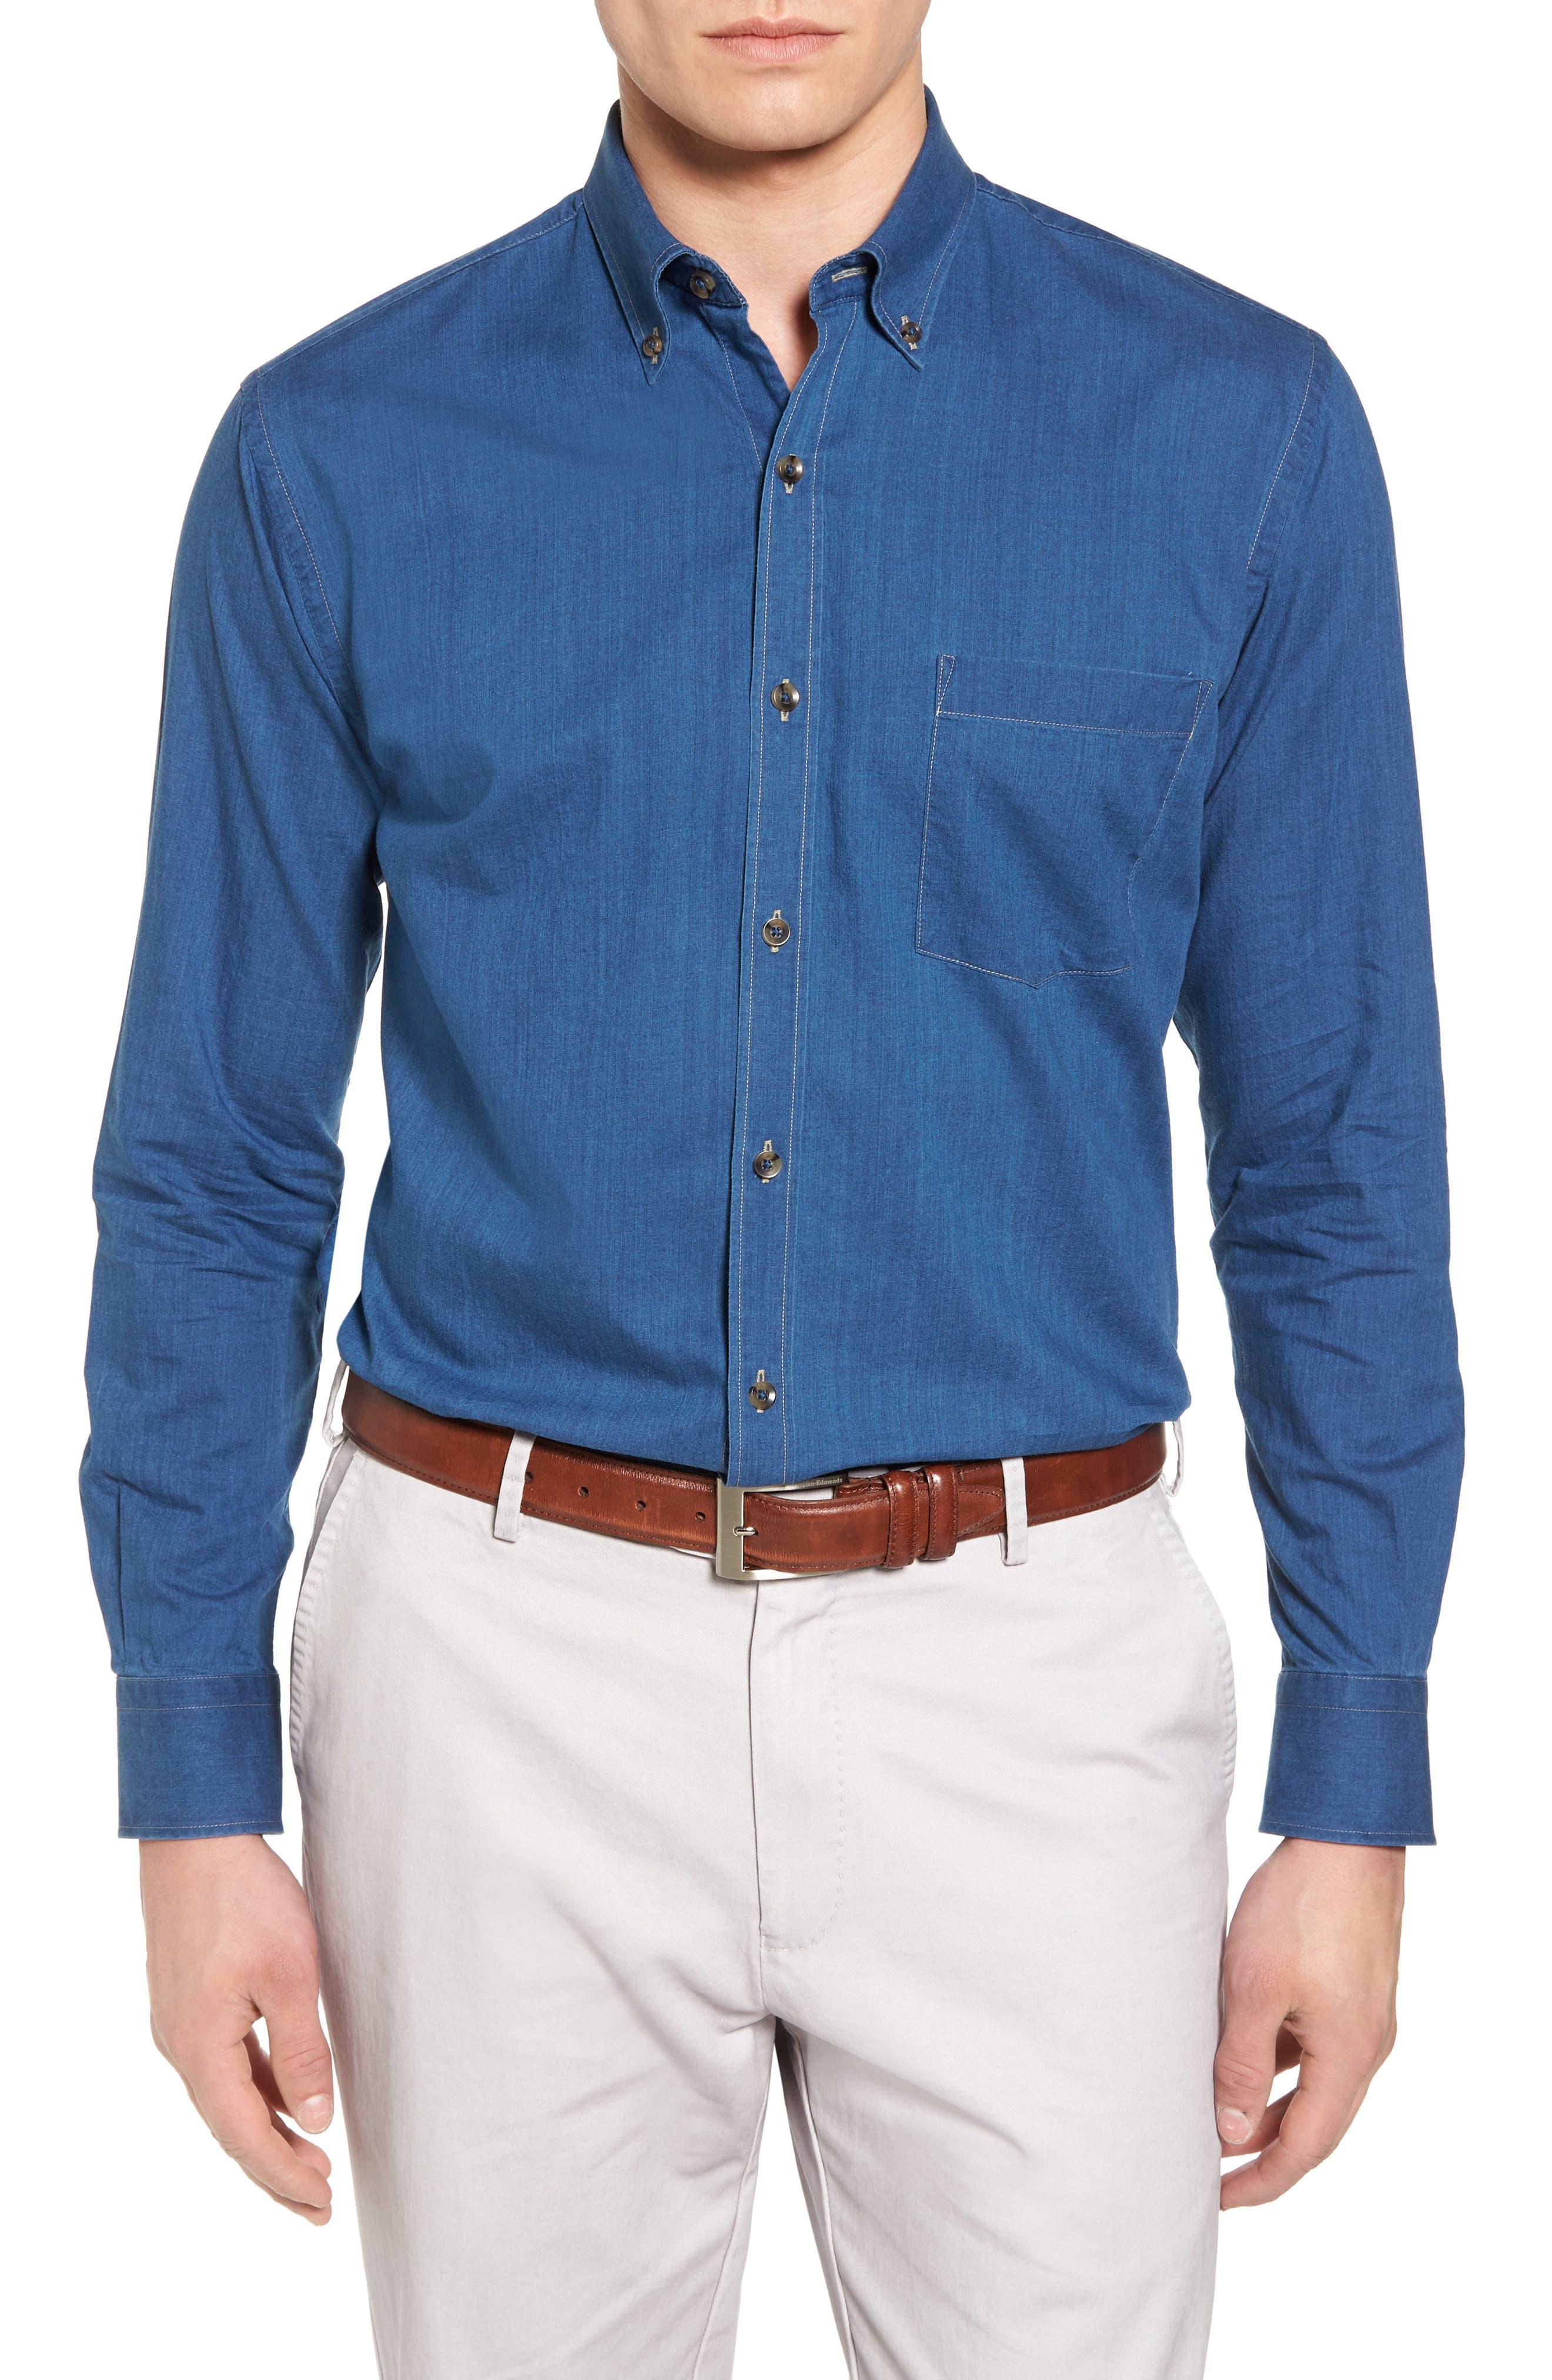 Crown Vintage Regular Fit Denim Sport Shirt,                         Main,                         color, 405